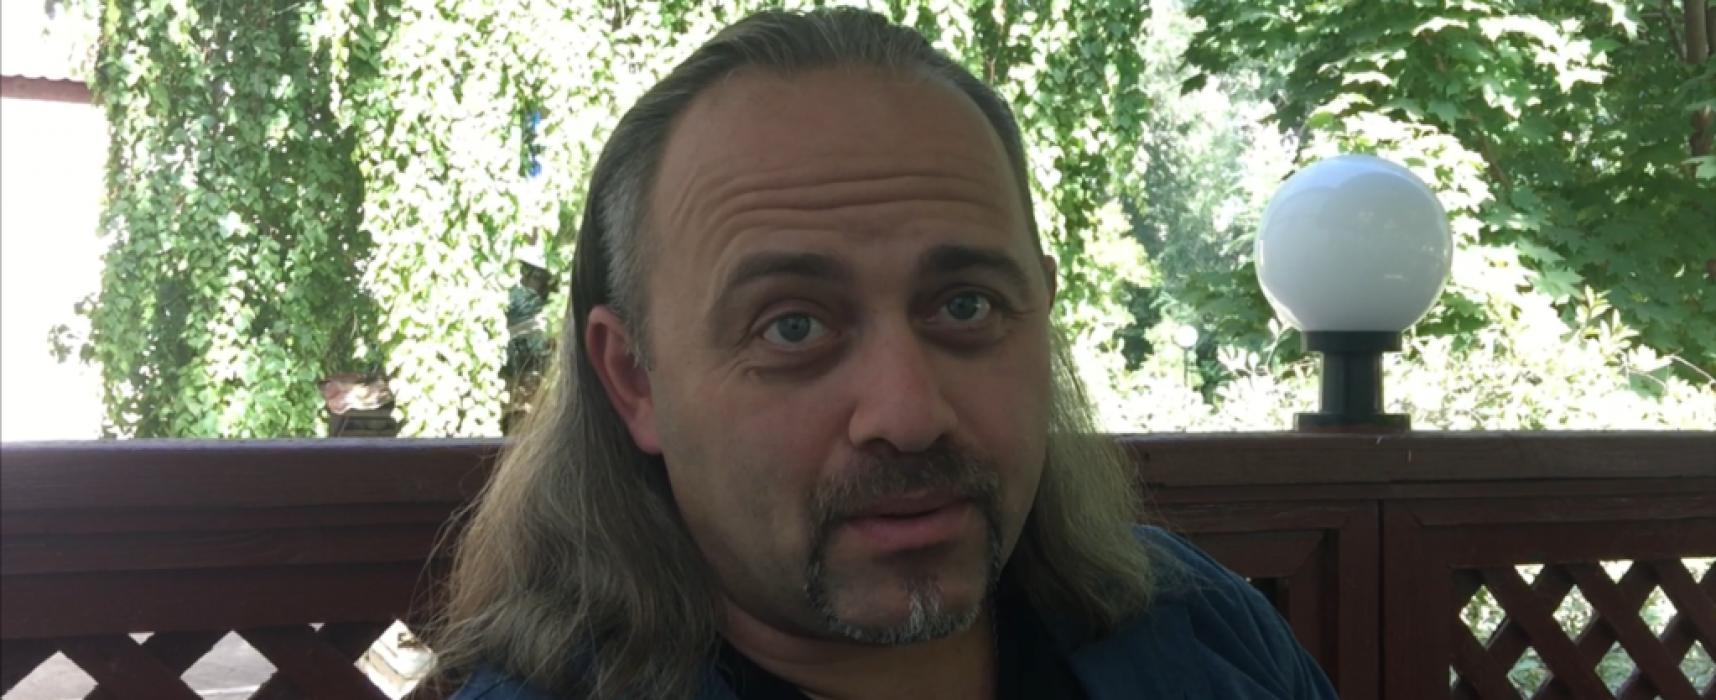 Tribunal kazajo arresta y multa a periodista ucraniano por verificar hechos tras disolución de taller de medios